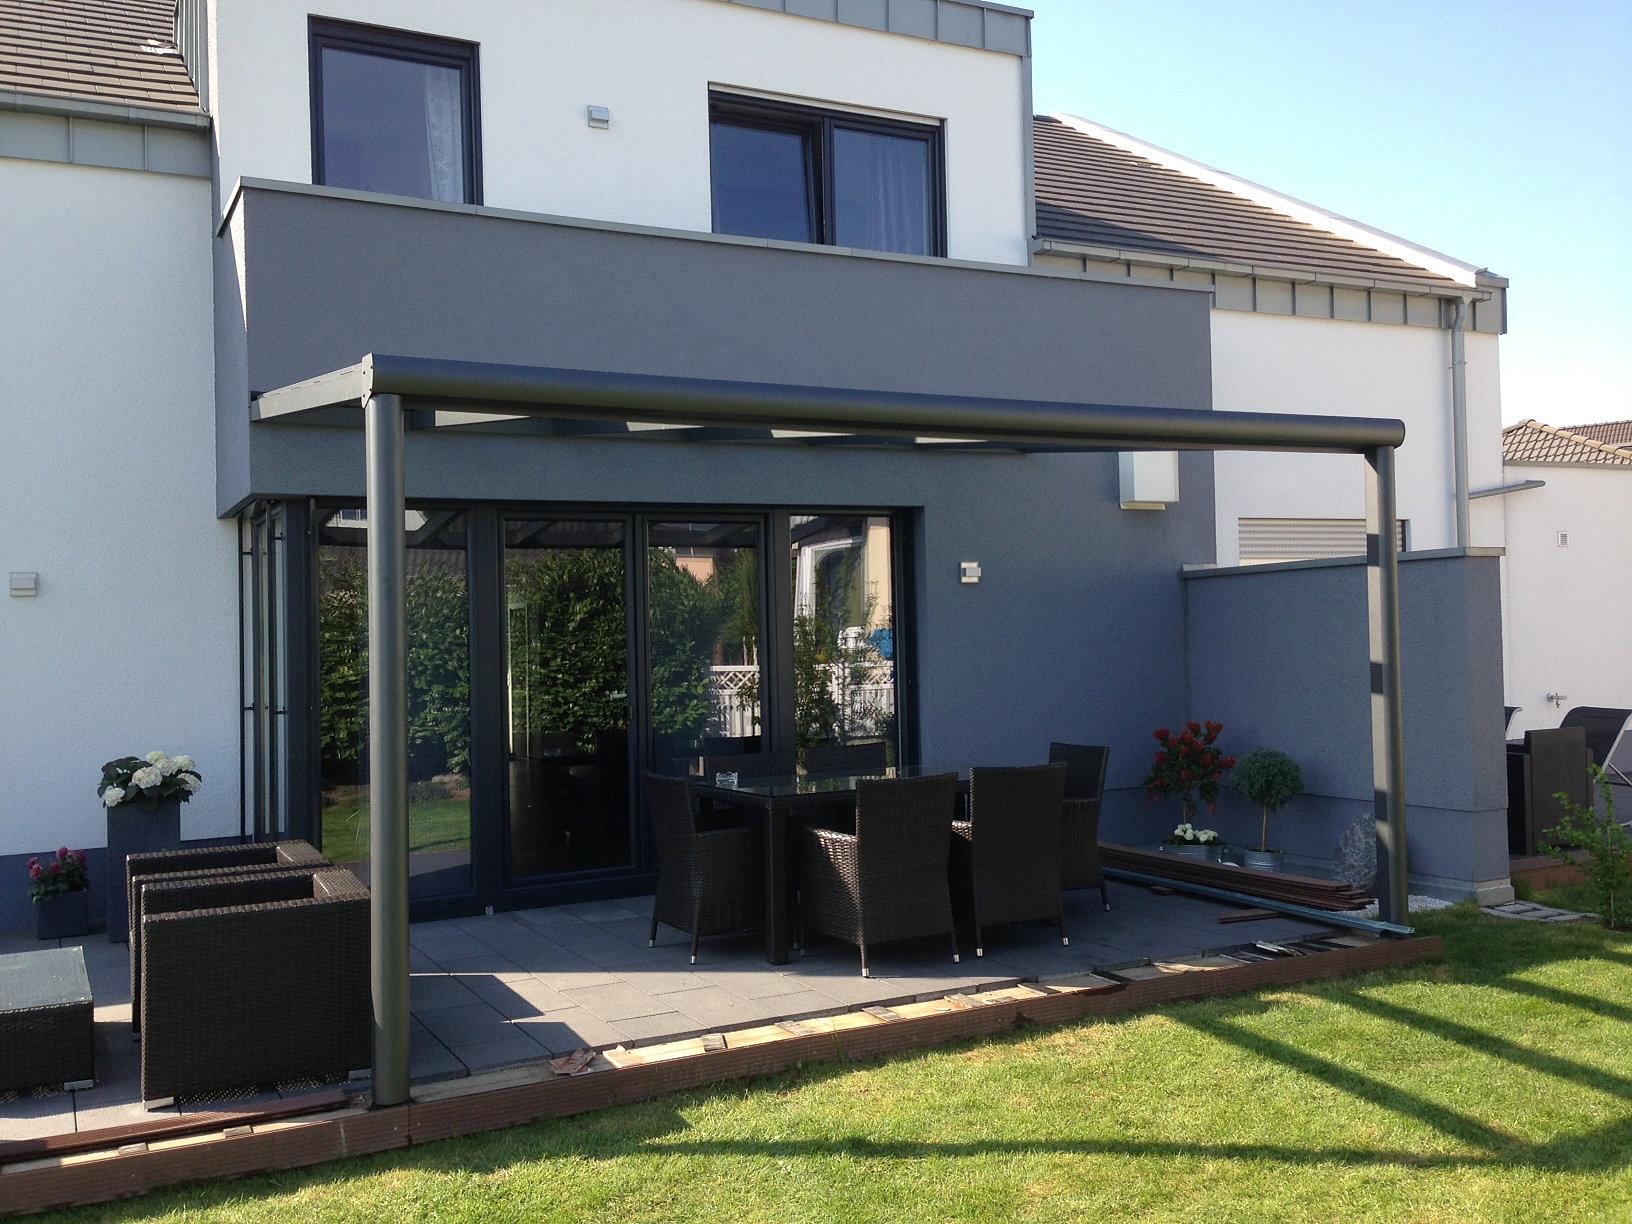 wintergarten und terrassen berdachungen terrassendach angebote preise terrassen berdachung. Black Bedroom Furniture Sets. Home Design Ideas